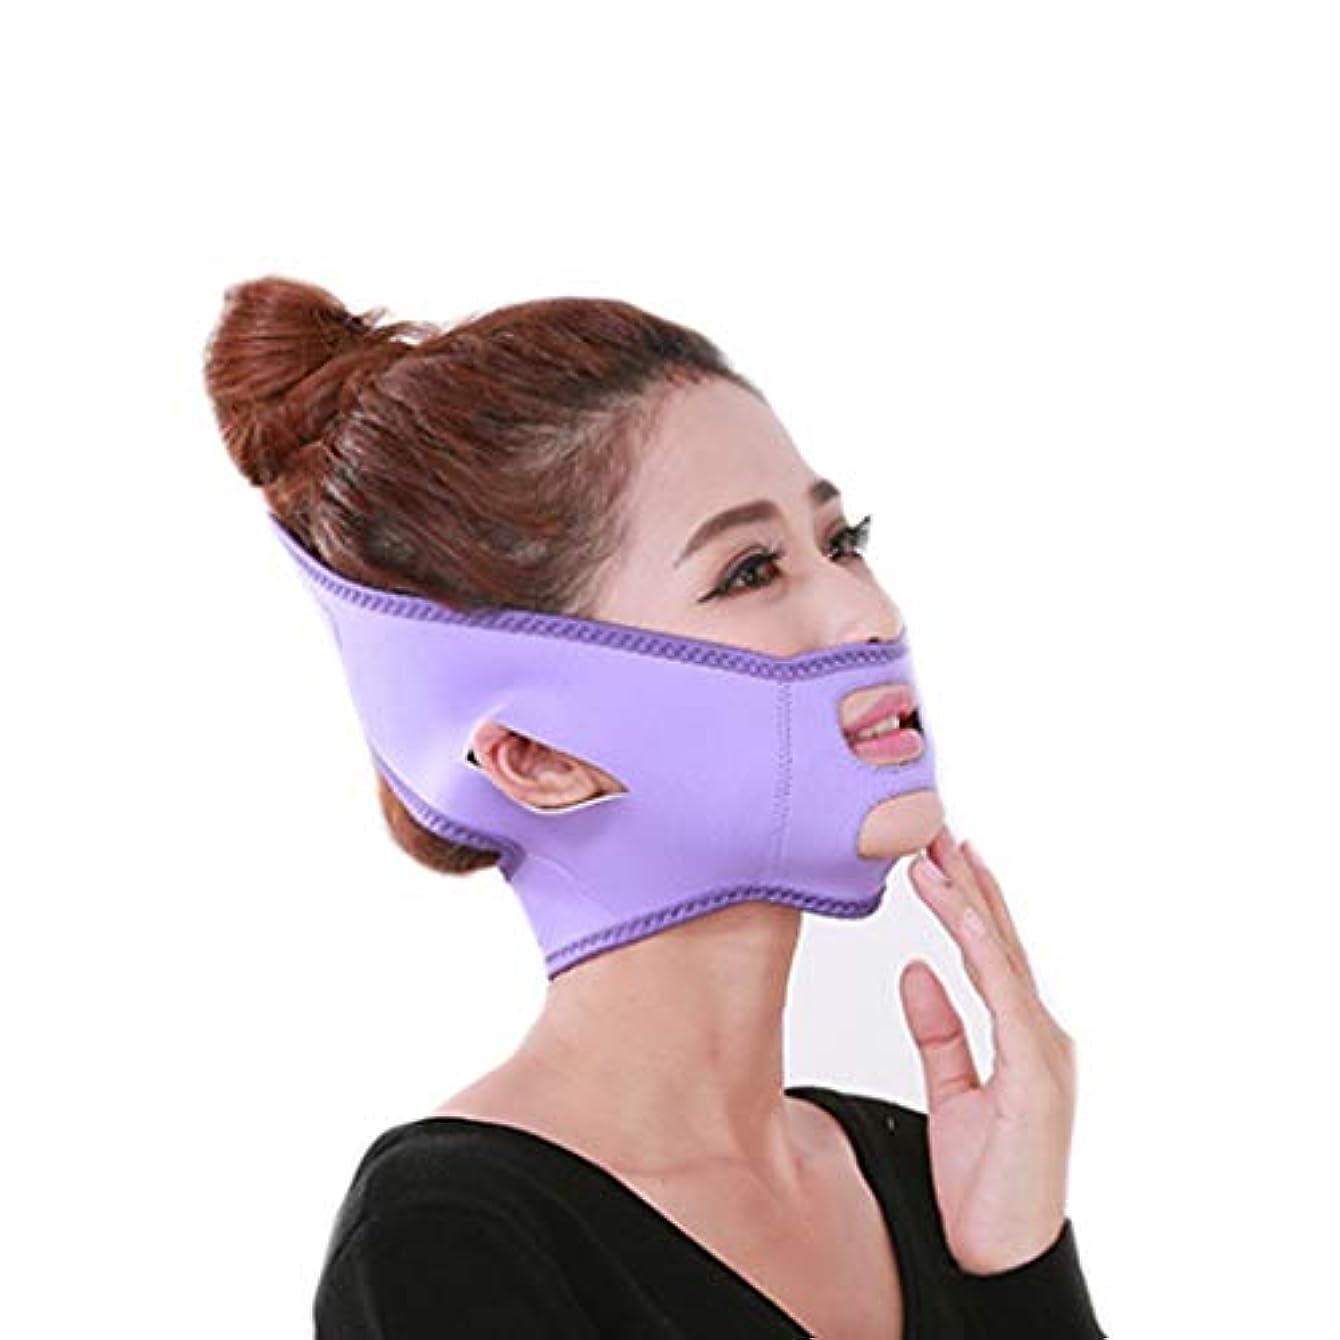 派手祖母ブラウスフェイスリフトテープ&バンド、フェイススリミングマスク、ダブルチン、ダブルチンリデューサー、シワ防止マスク、リフティングシェイプ(フリーサイズ) (Color : Purple)